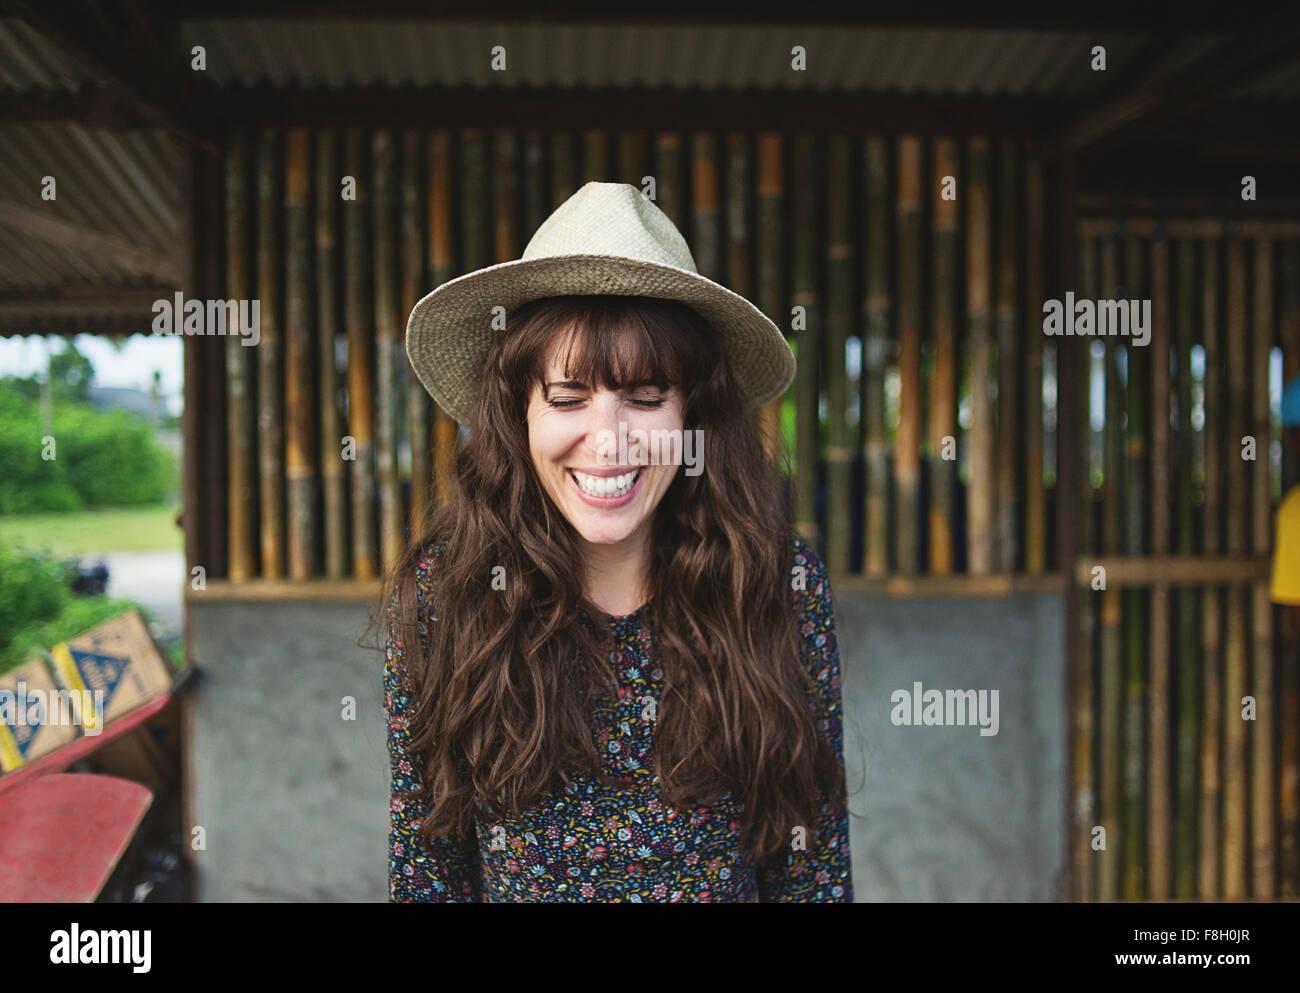 Sonriente mujer caucásica llevar sombrero para el sol al aire libre Foto de stock